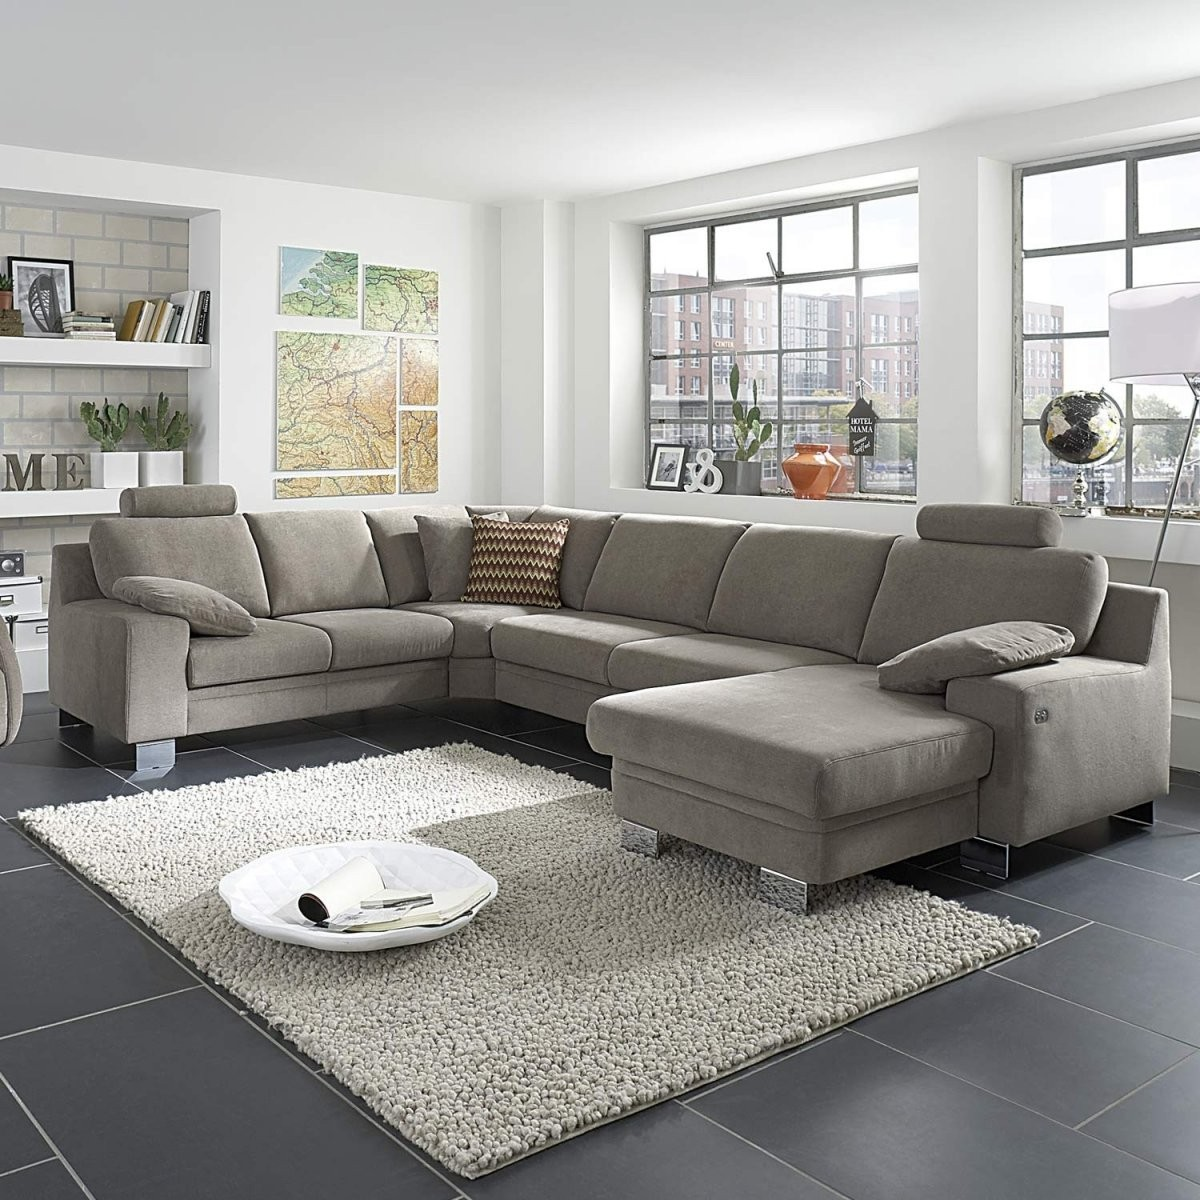 Schöner Wohnen Ideen Wohnzimmer Für Konzept Schöner Wohnen Garten von Bilder Wohnzimmer Schöner Wohnen Bild